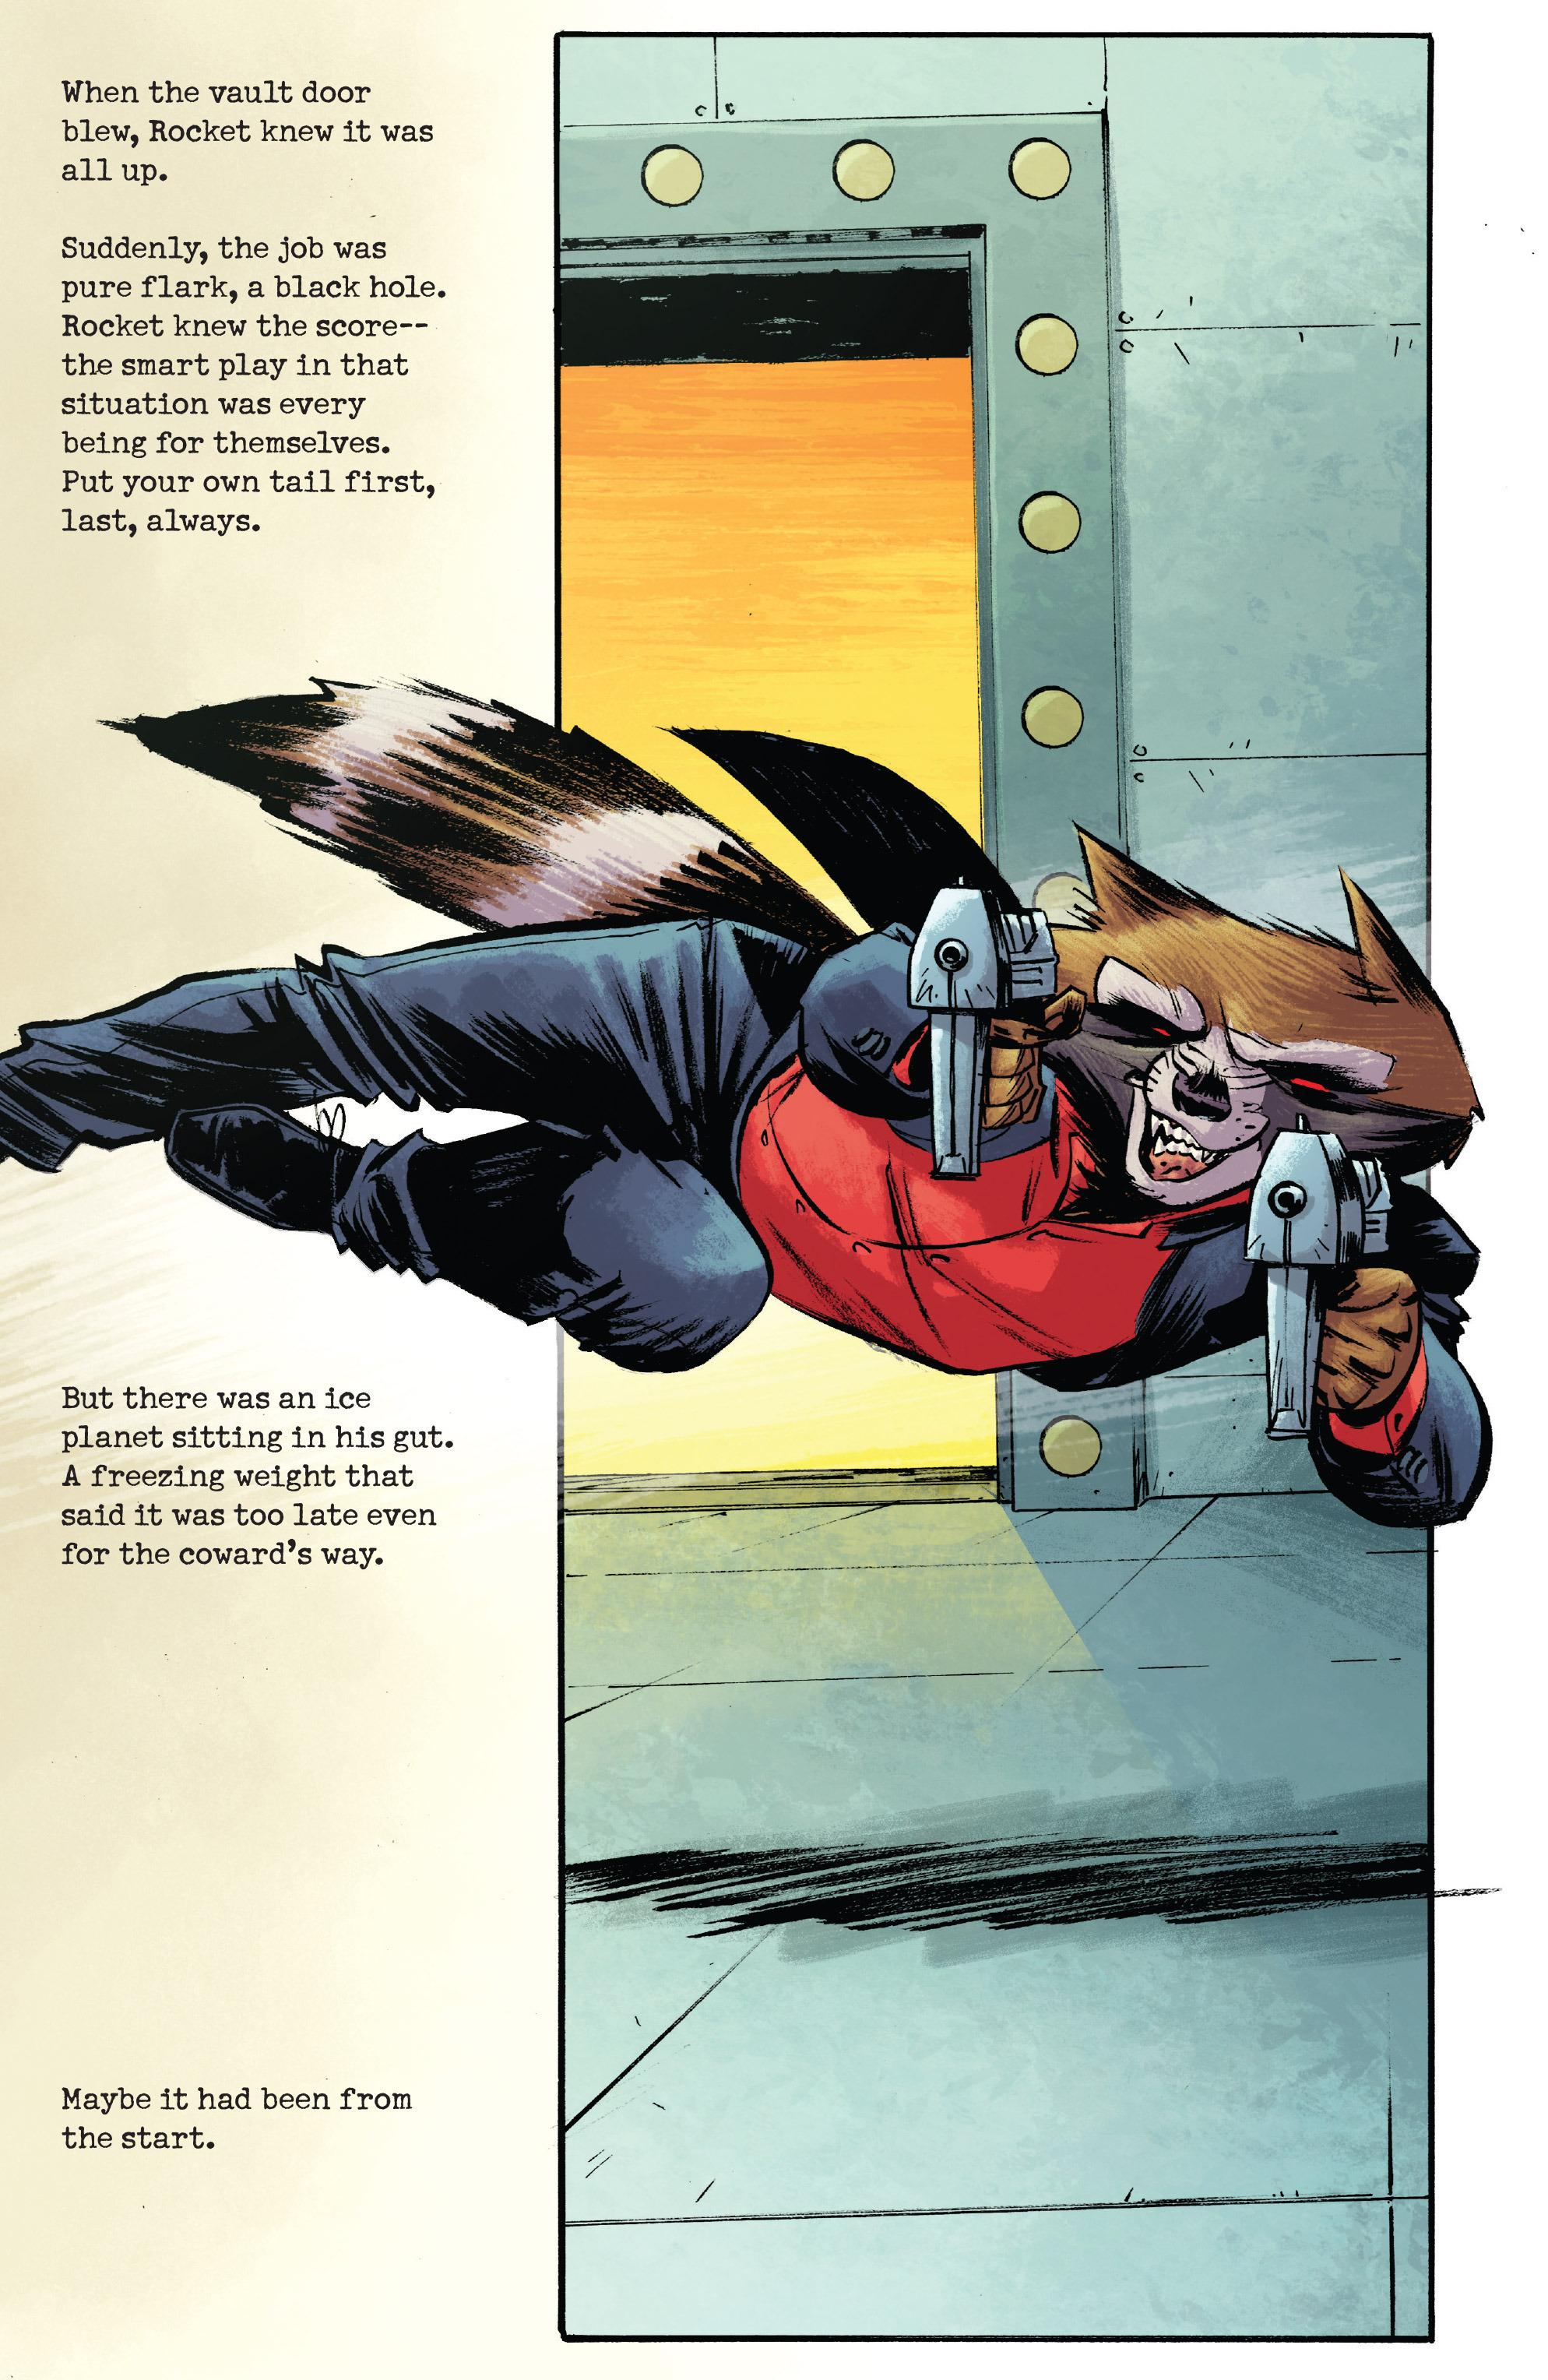 Read online Rocket comic -  Issue #1 - 3